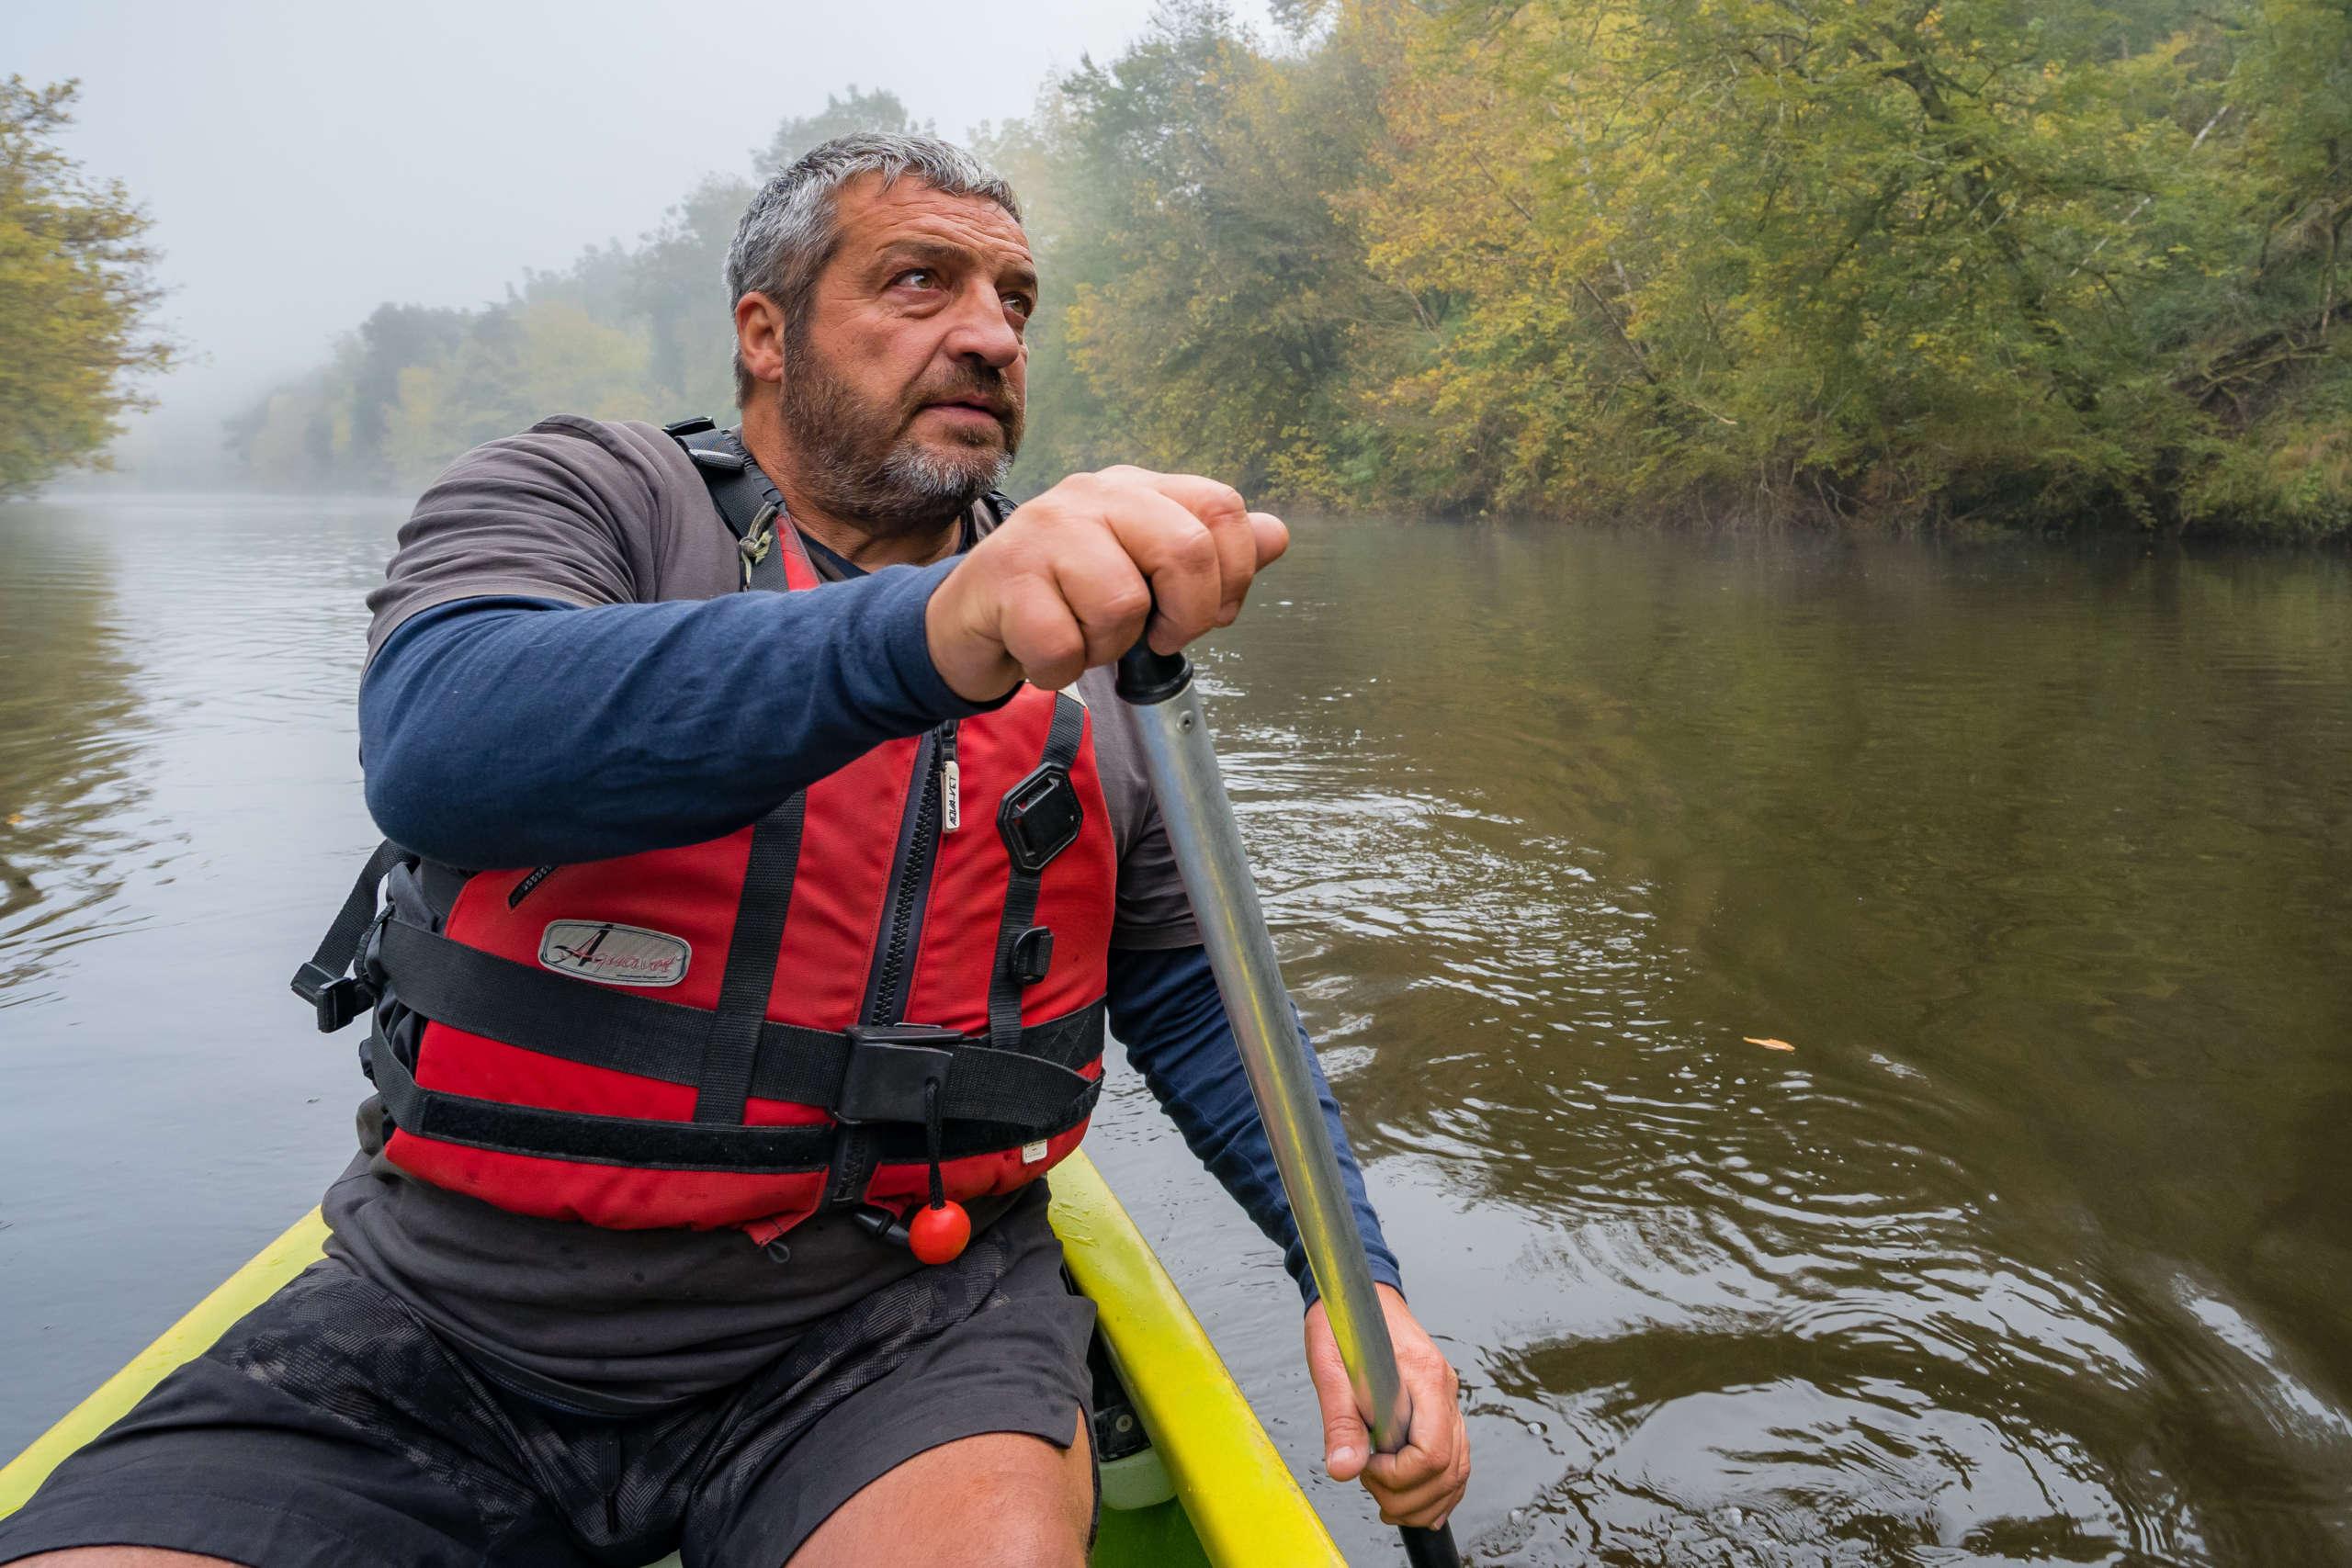 Rencontre avec philippe, loueur de canoé sur la vallée de la vézère en dordogne